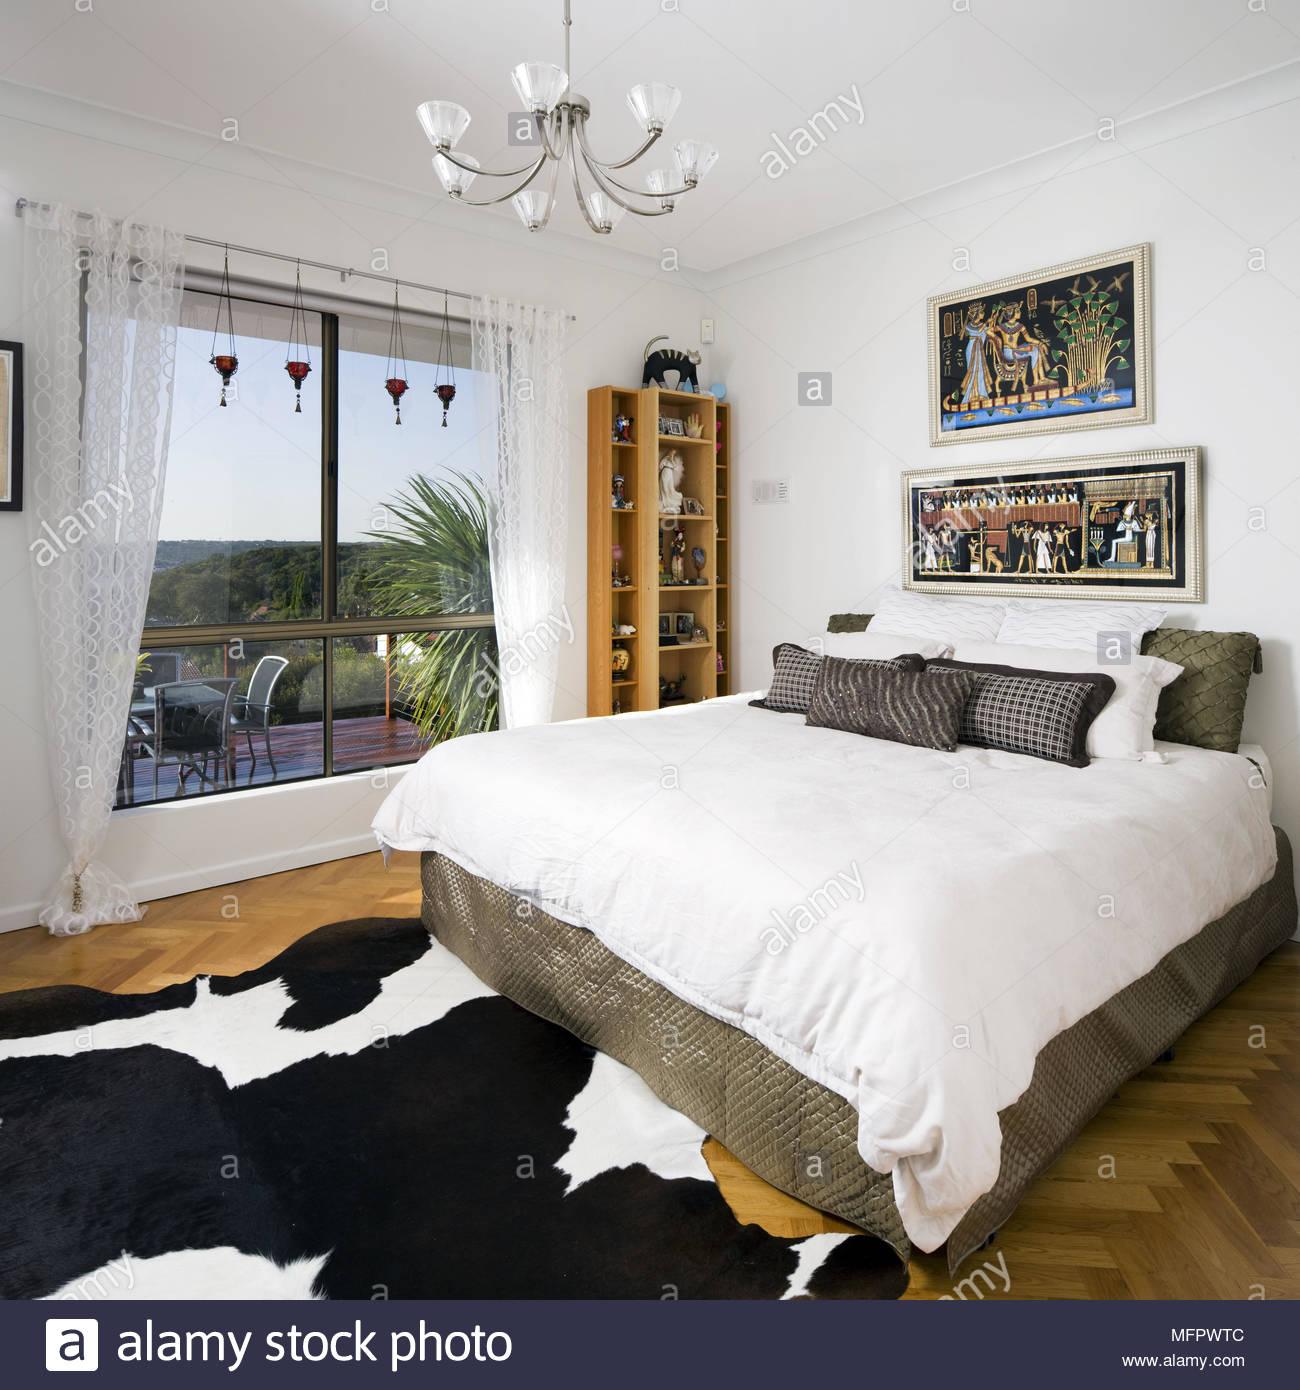 Full Size of Schlafzimmer Teppich Weißes Badezimmer Luxus Deckenlampe Kommode Weiß Steinteppich Bad Schrank Günstige Komplett Stuhl Für Mit Lattenrost Und Matratze Schlafzimmer Schlafzimmer Teppich